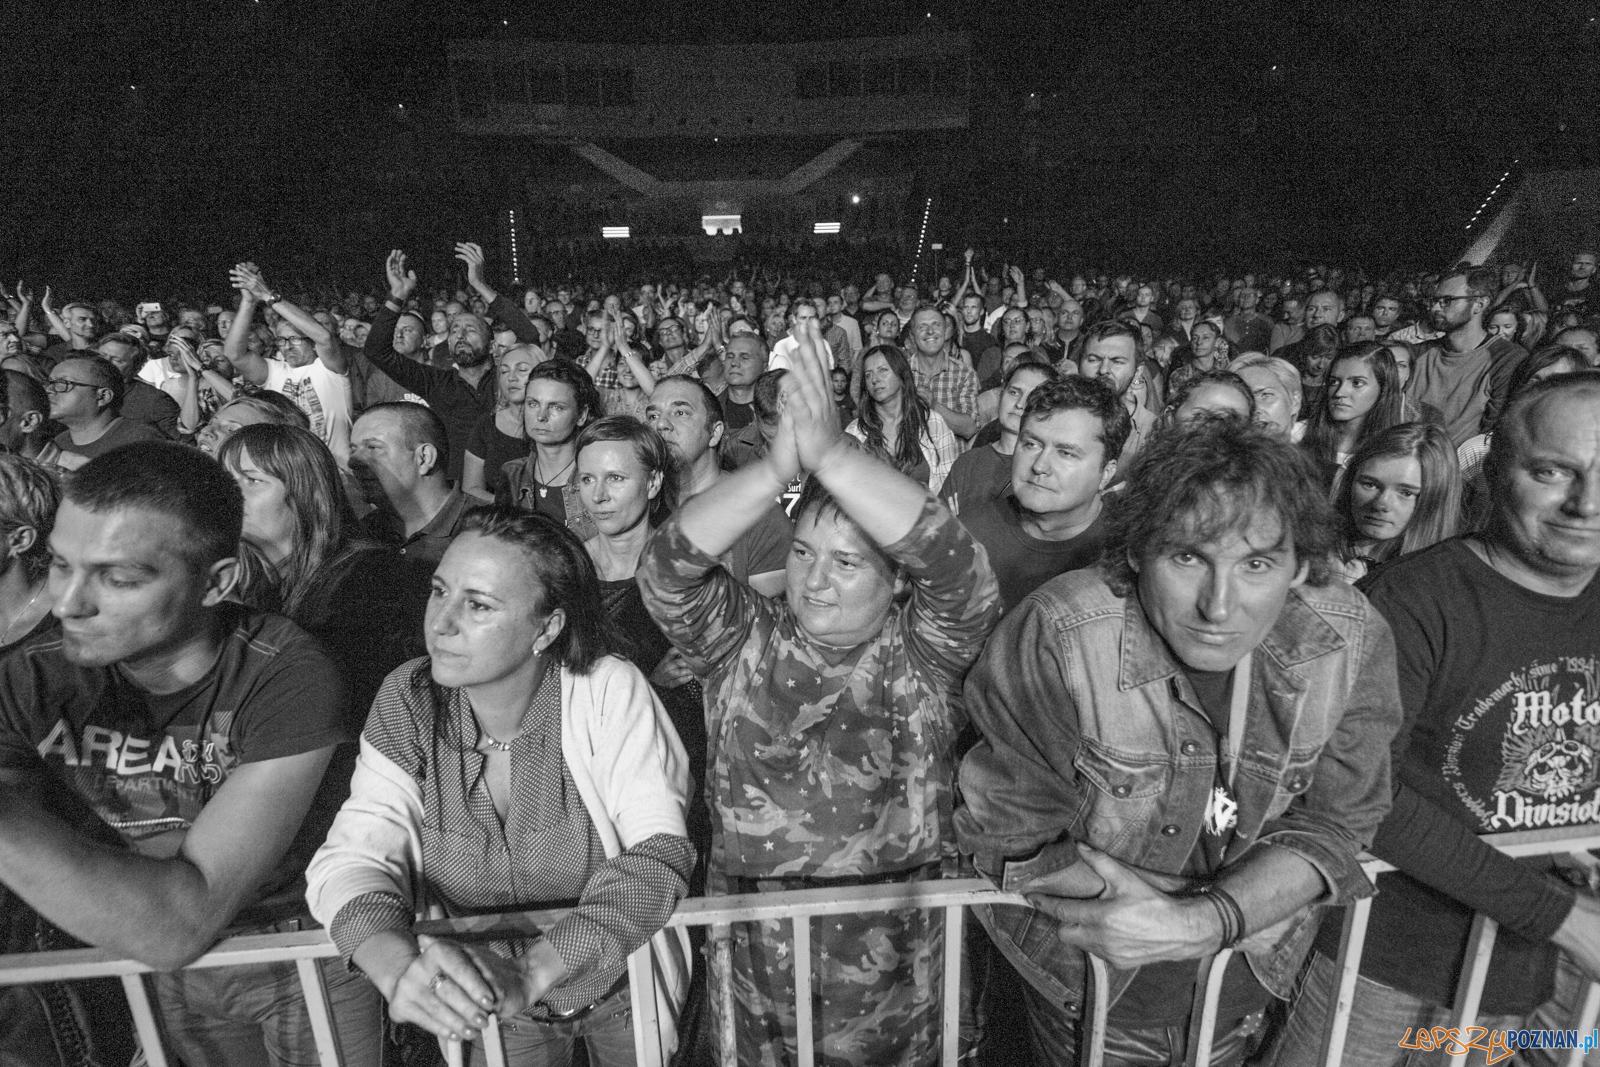 25 lat Lalamido - 80's & 90's Rock Festival  Foto: lepszyPOZNAN.pl/Piotr Rychter